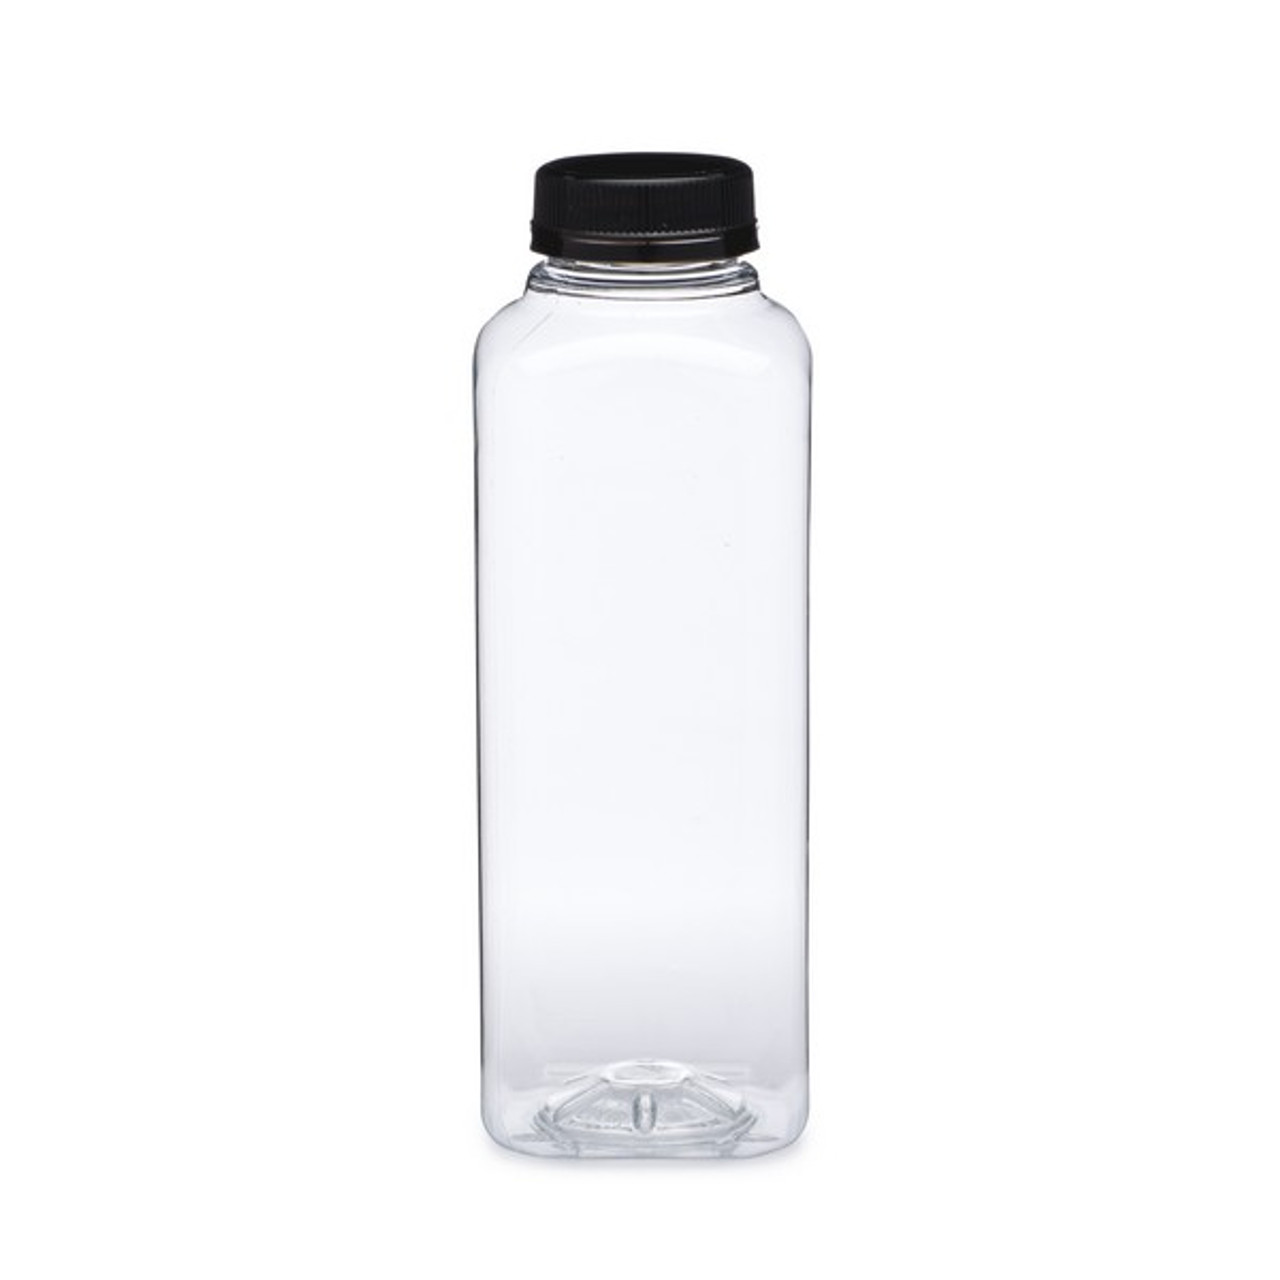 316d8af83d4a 16 Oz Plastic Bottles - Water Bottle Labels